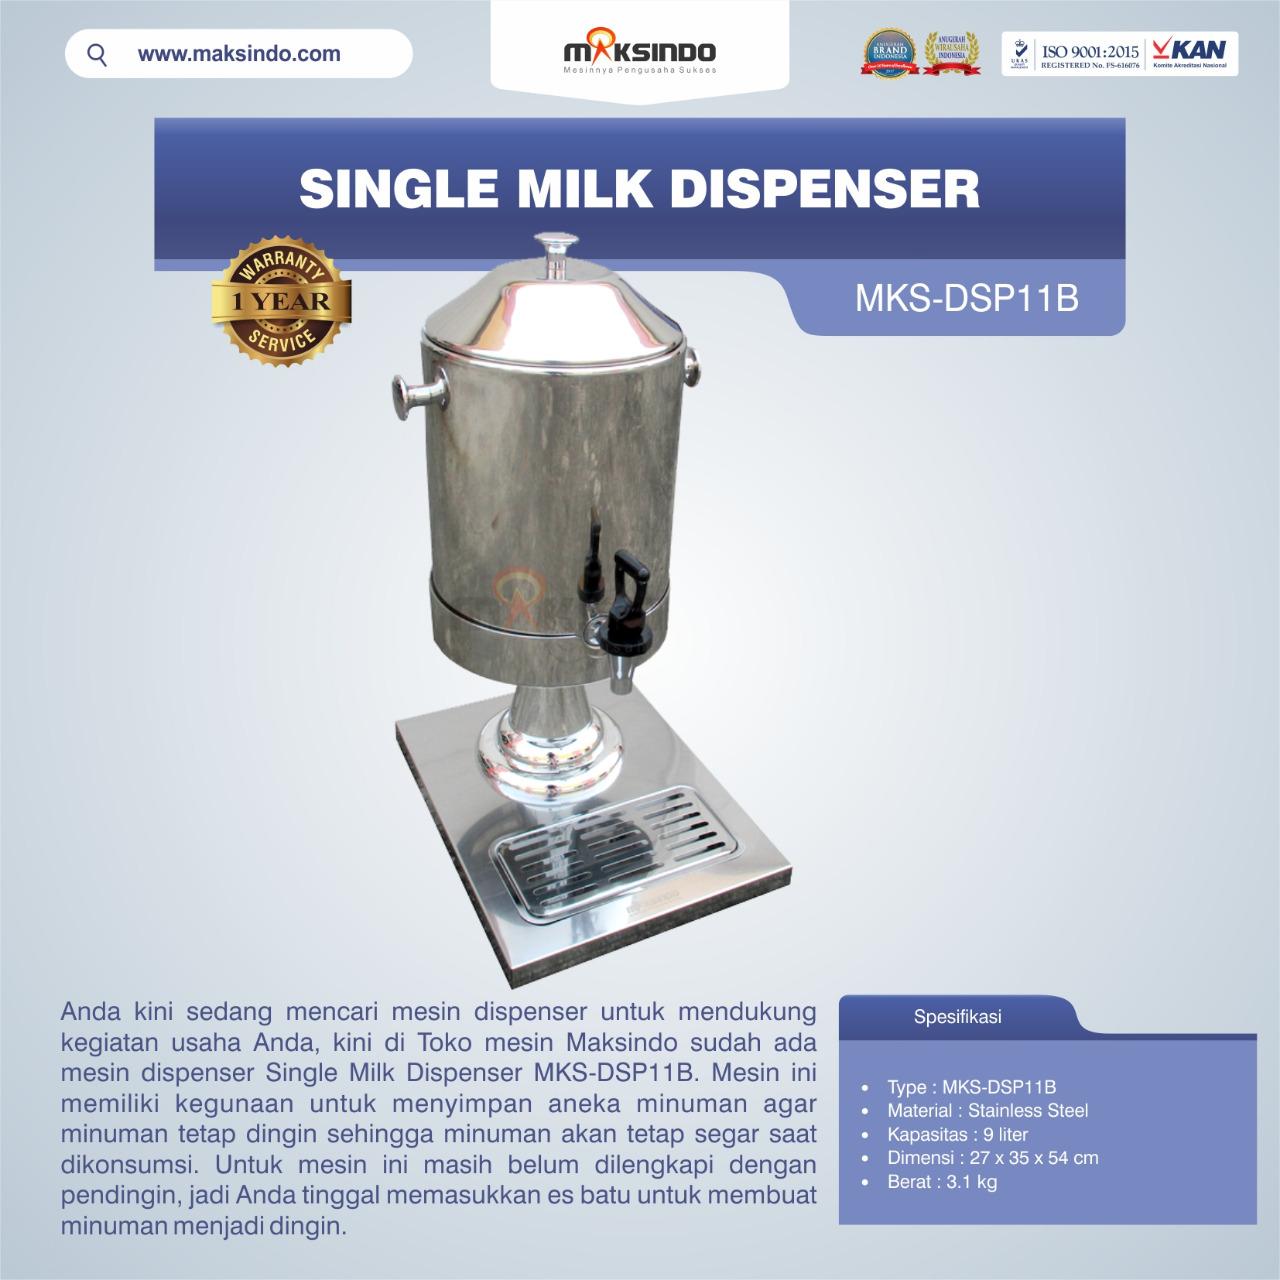 Jual Single Milk Dispenser MKS-DSP11B di Palembang